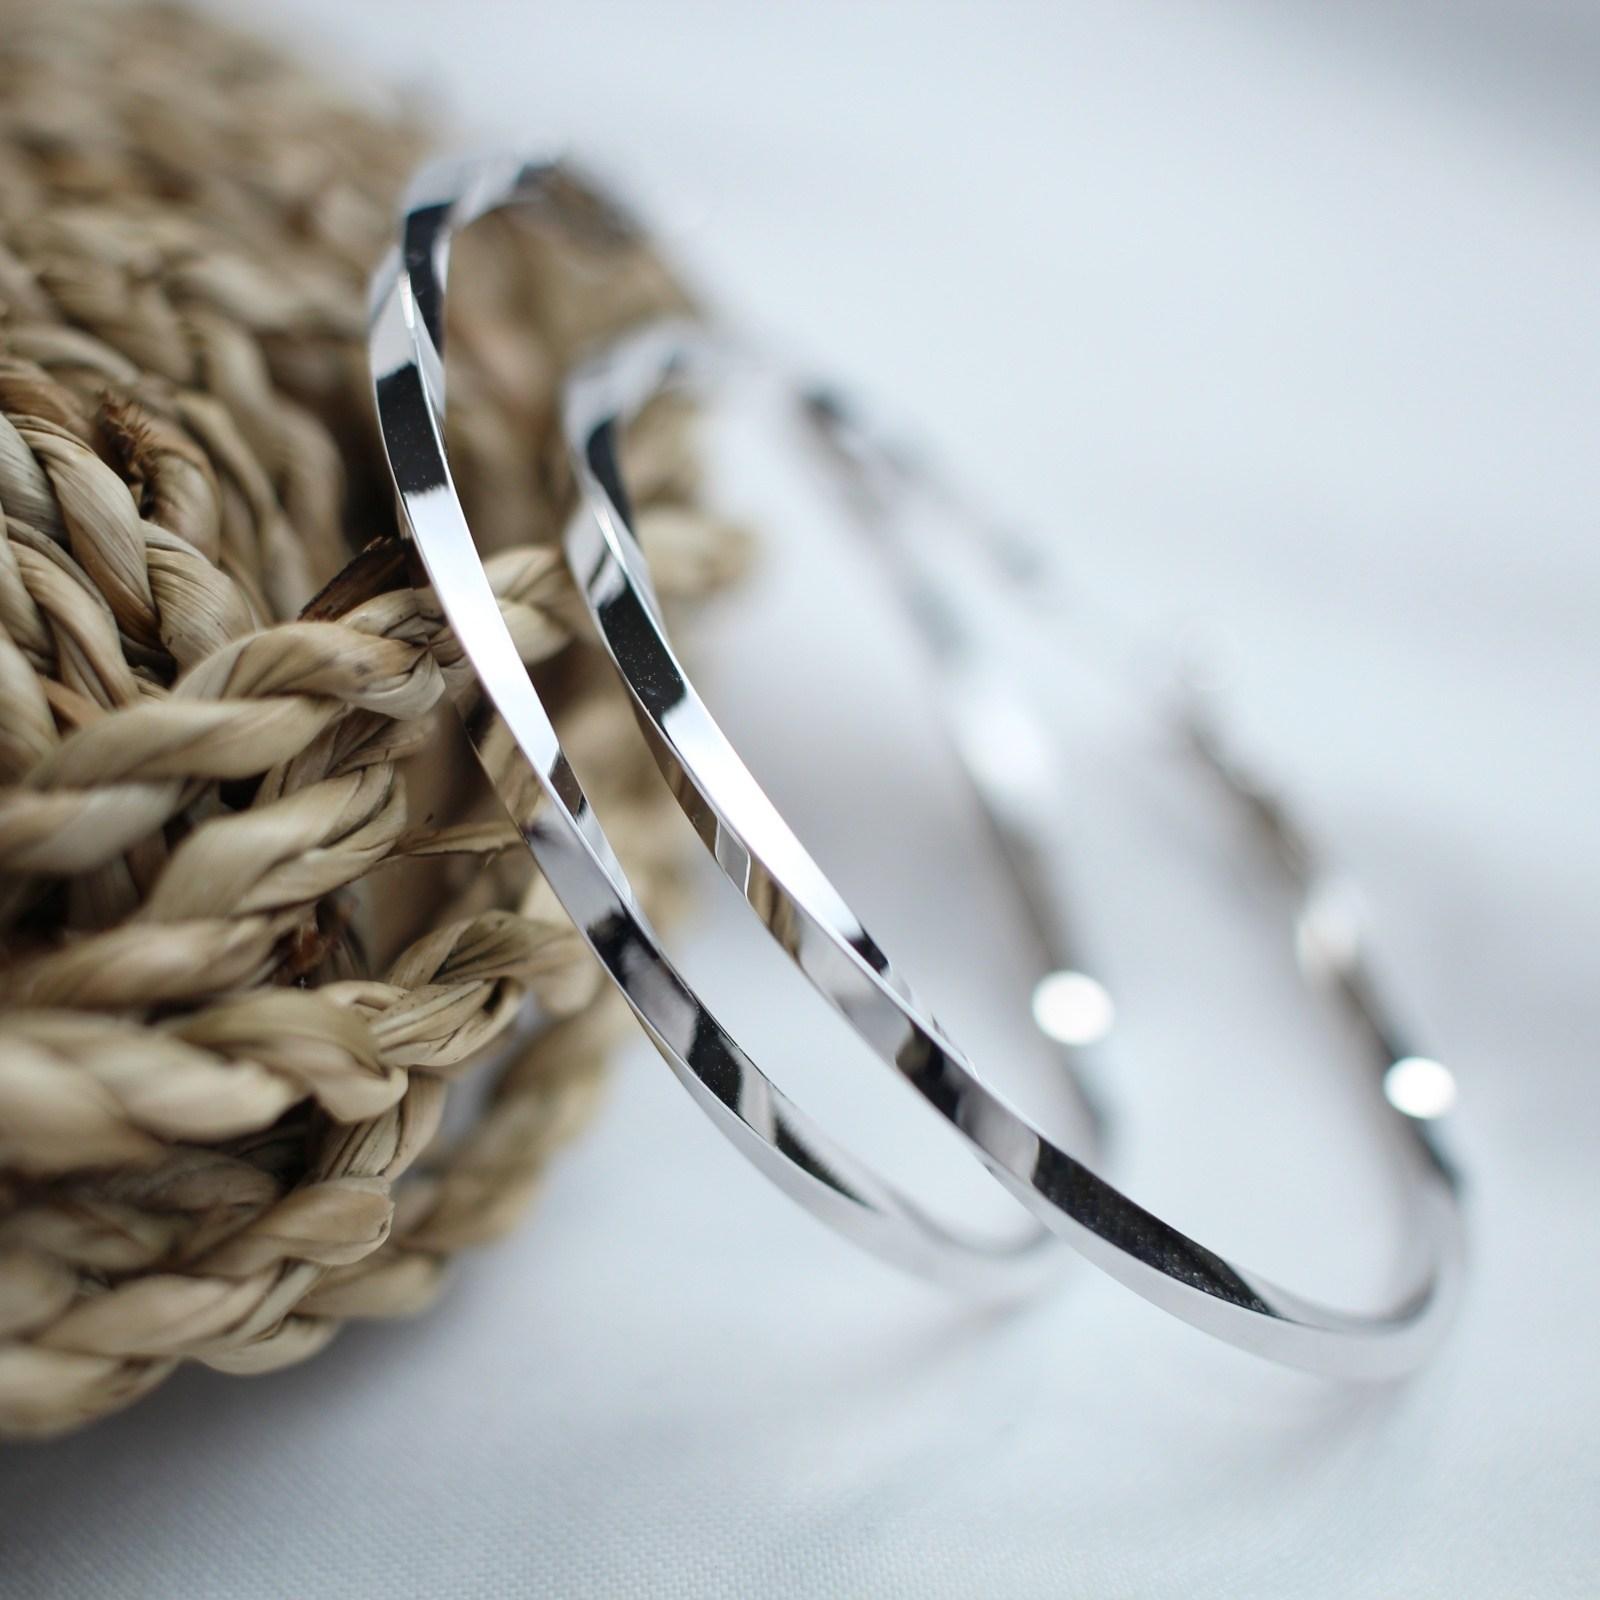 뿌앙 실버 925 은침 데일리 심플 4cm 5cm 6cm 꼬임 원터치 링 귀걸이